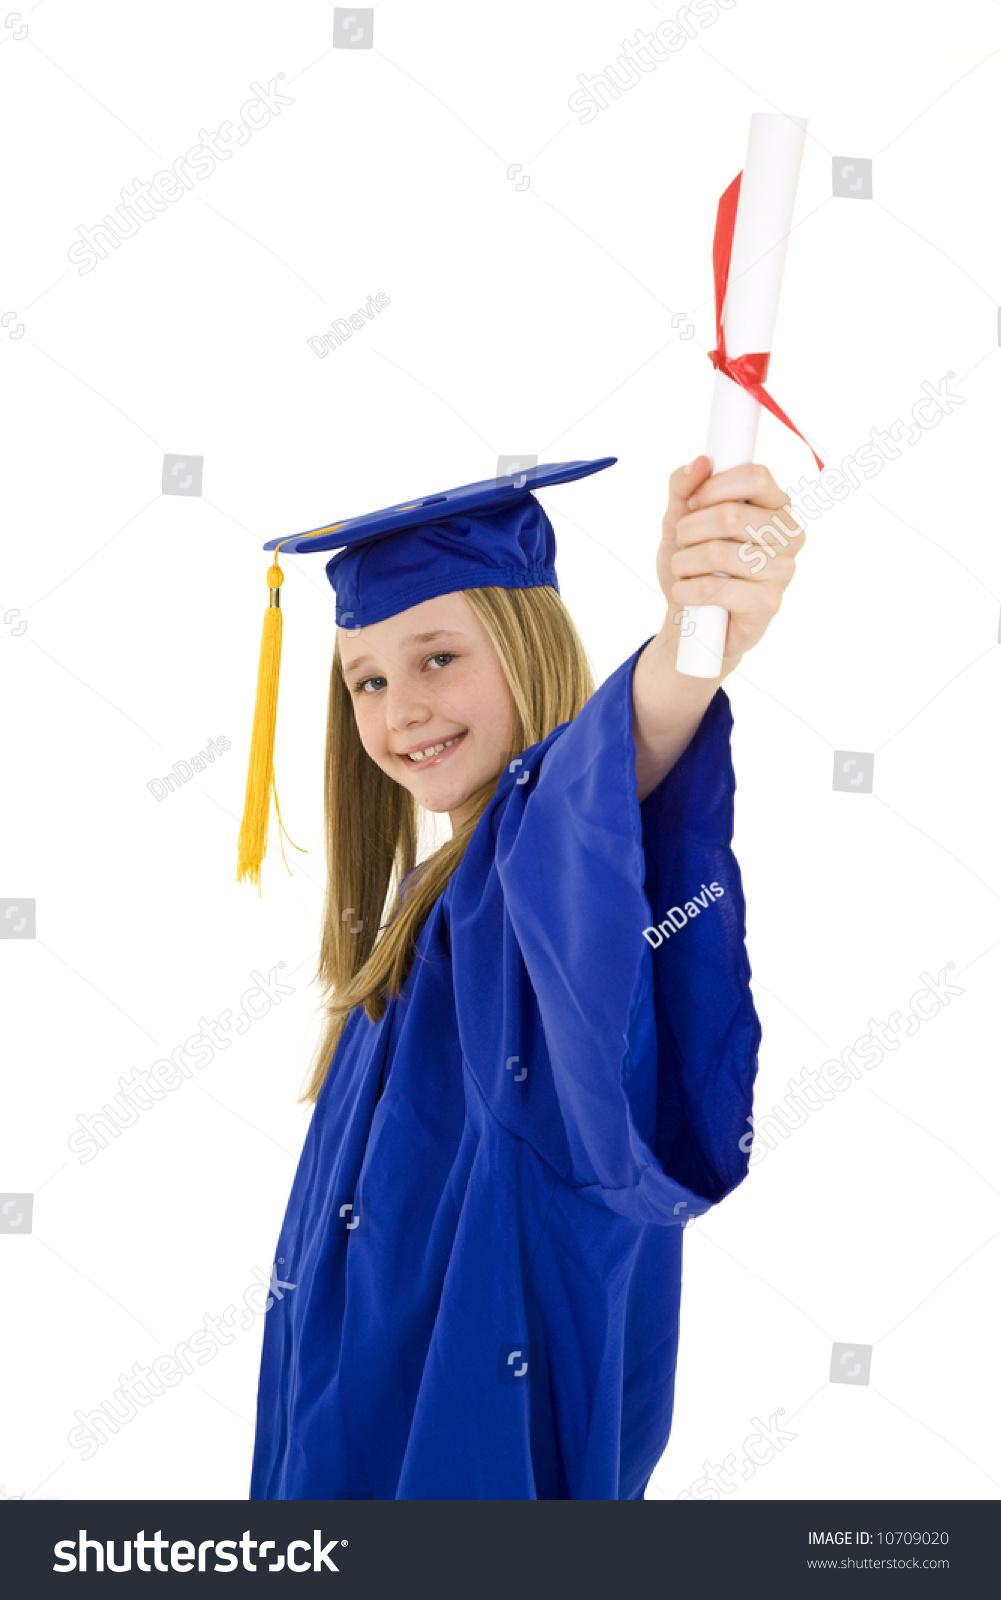 Amazing Ede And Ravenscroft Graduation Gowns Composition - Images ...